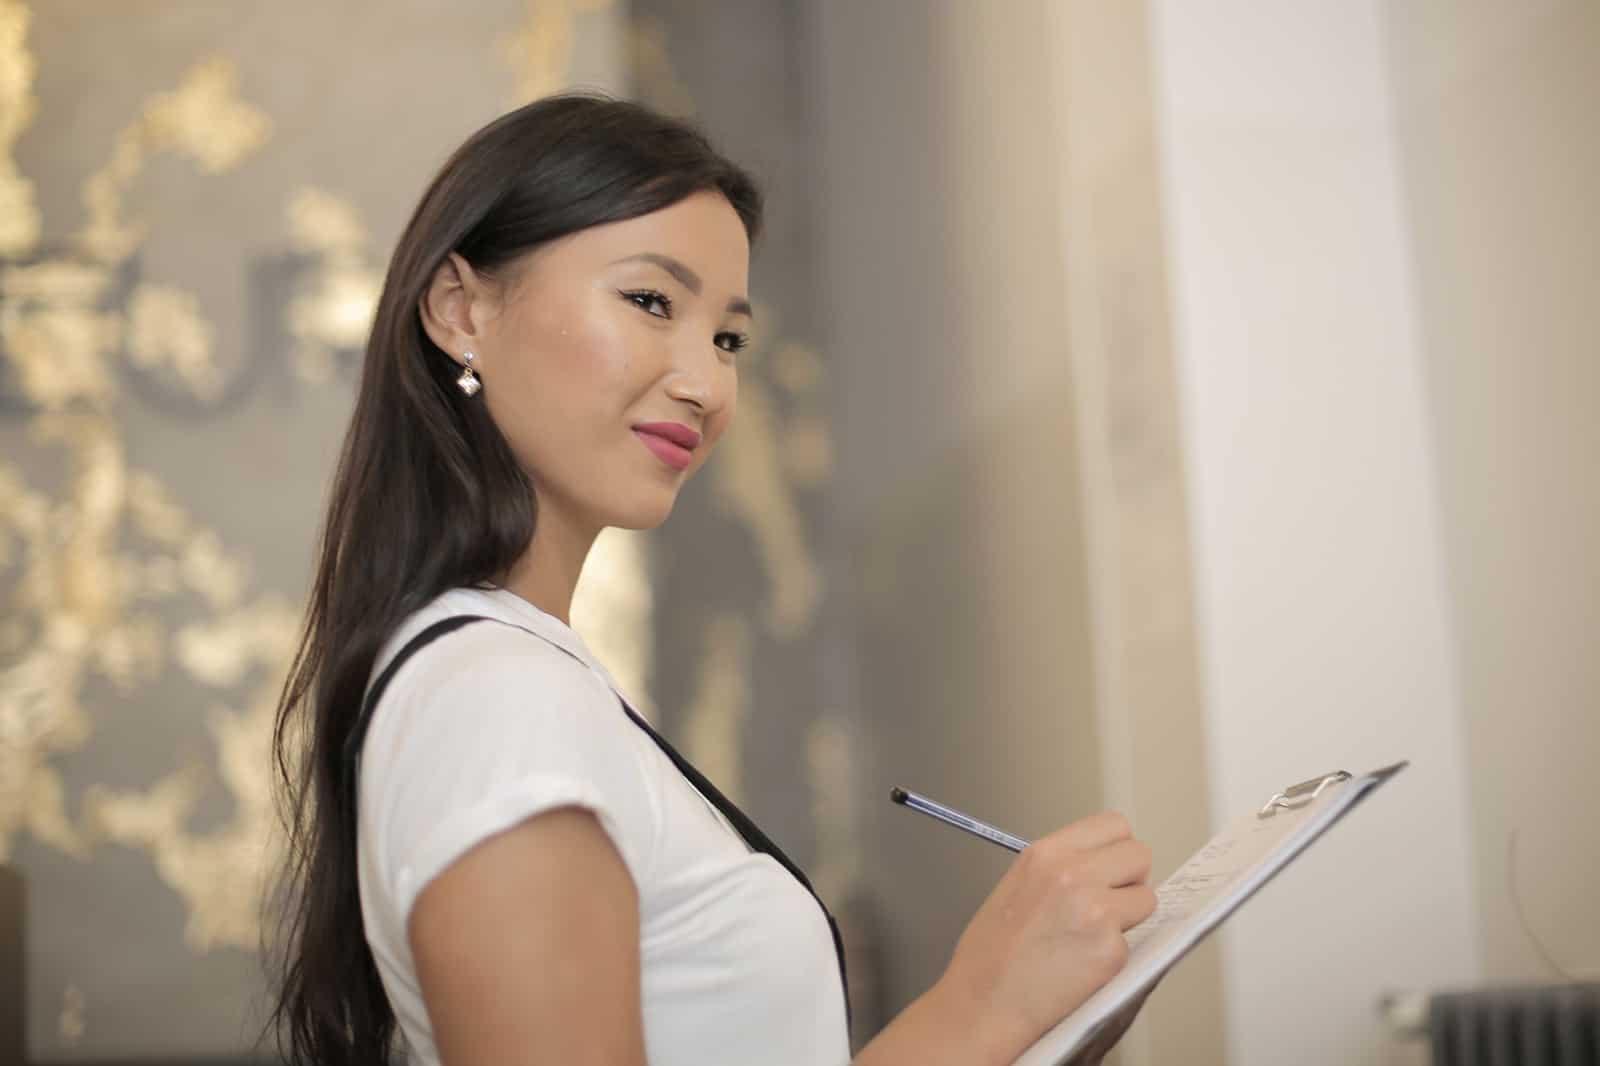 eine schöne Frau mit langen schwarzen Haaren, die eine Checkliste hält